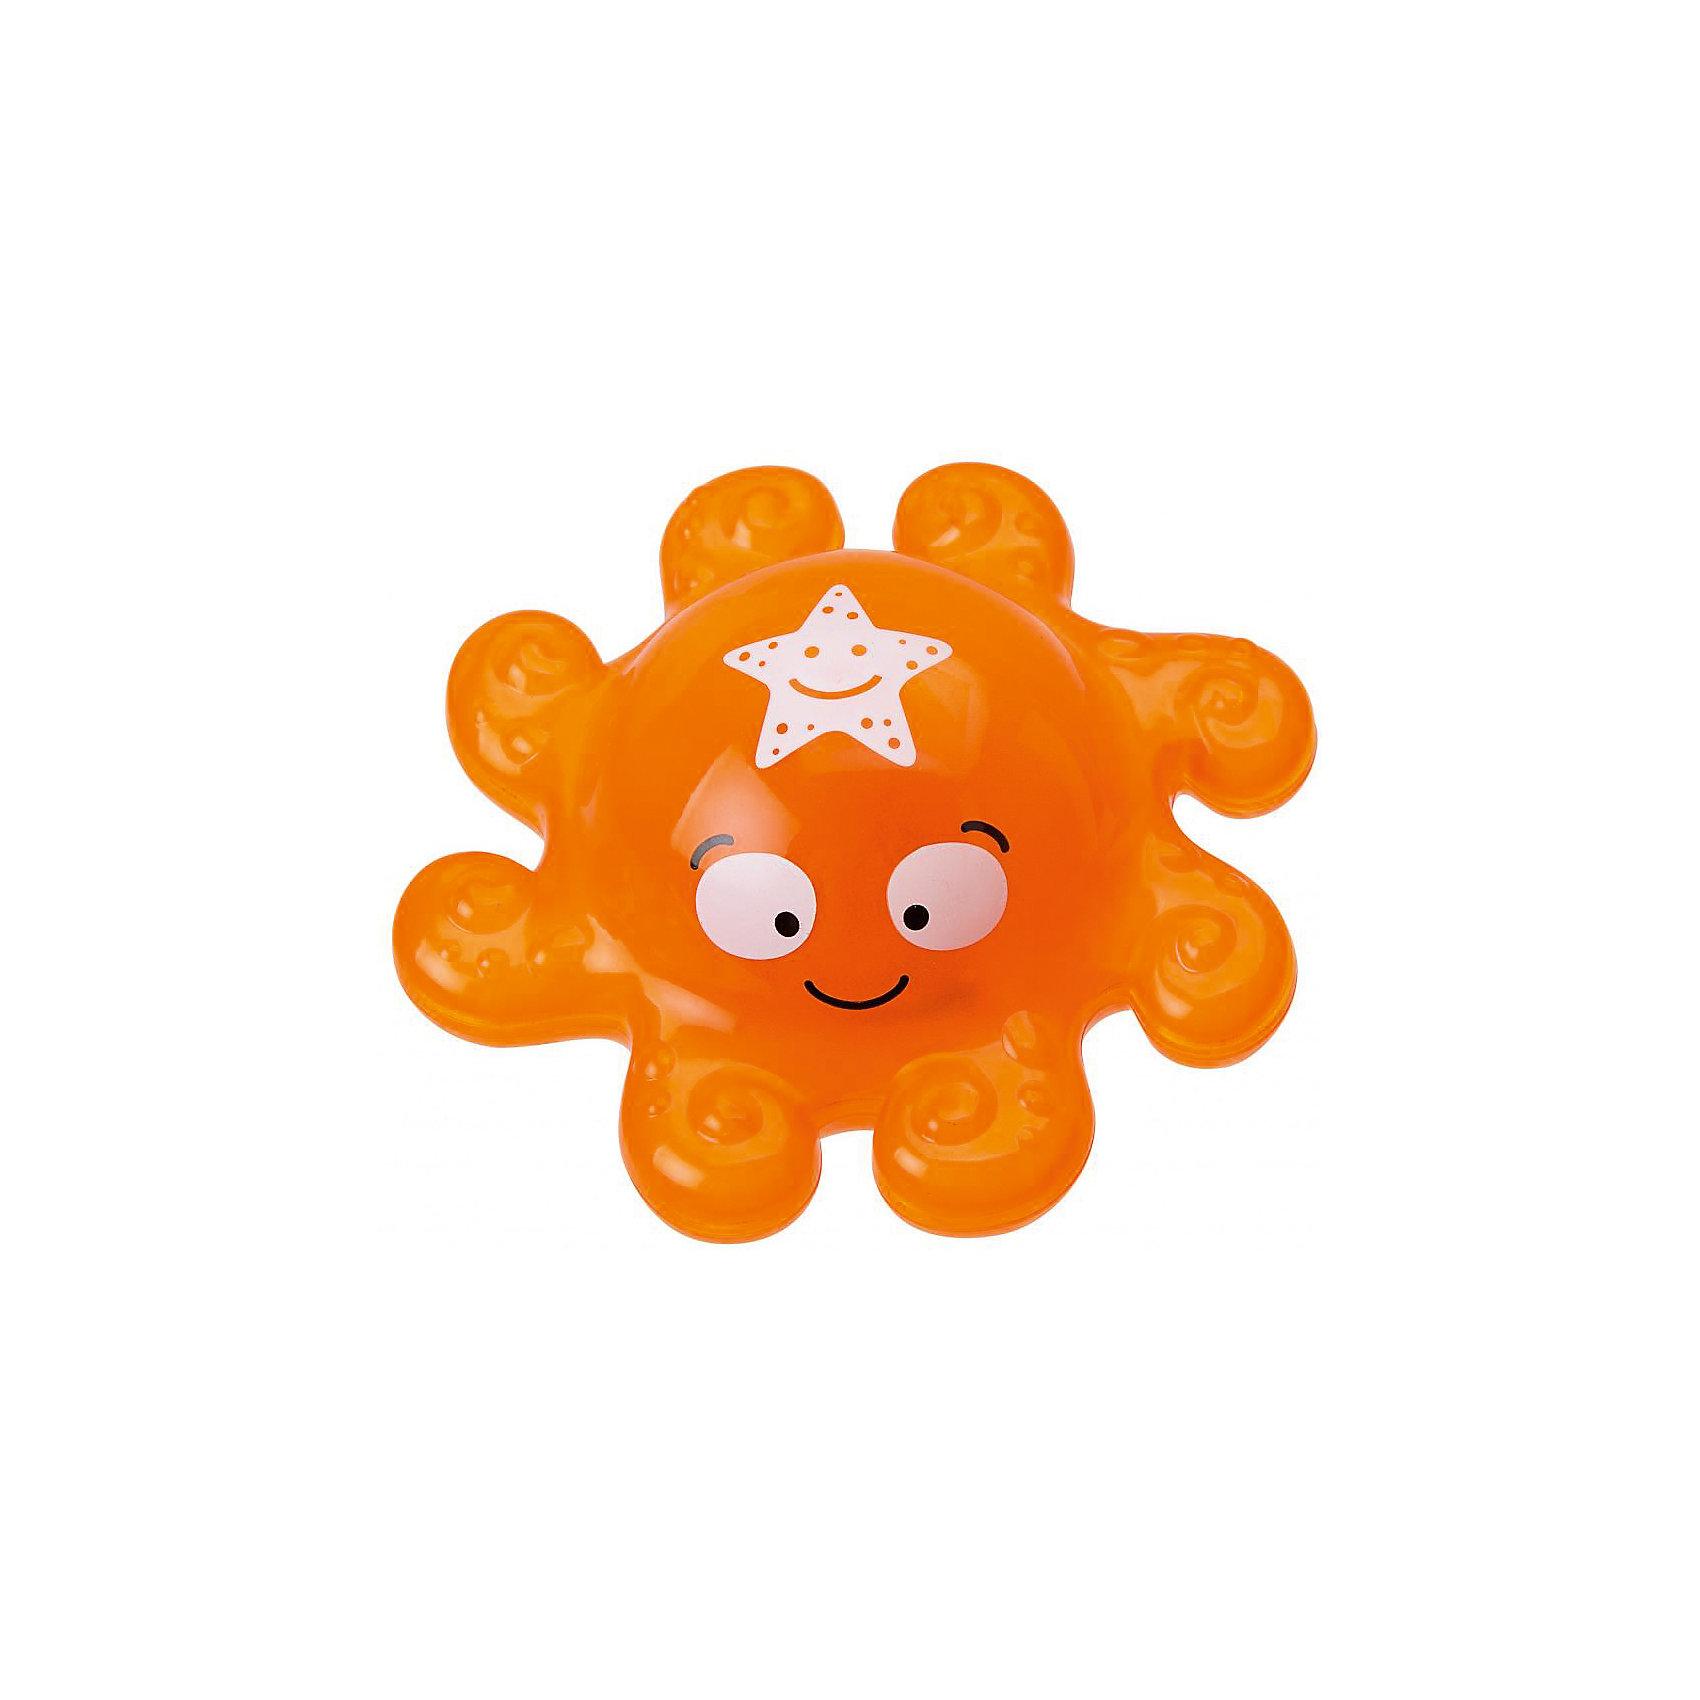 ALEX Игрушка для ванны Осьминог, ALEX игрушки для ванной alex игрушки для ванны джунгли